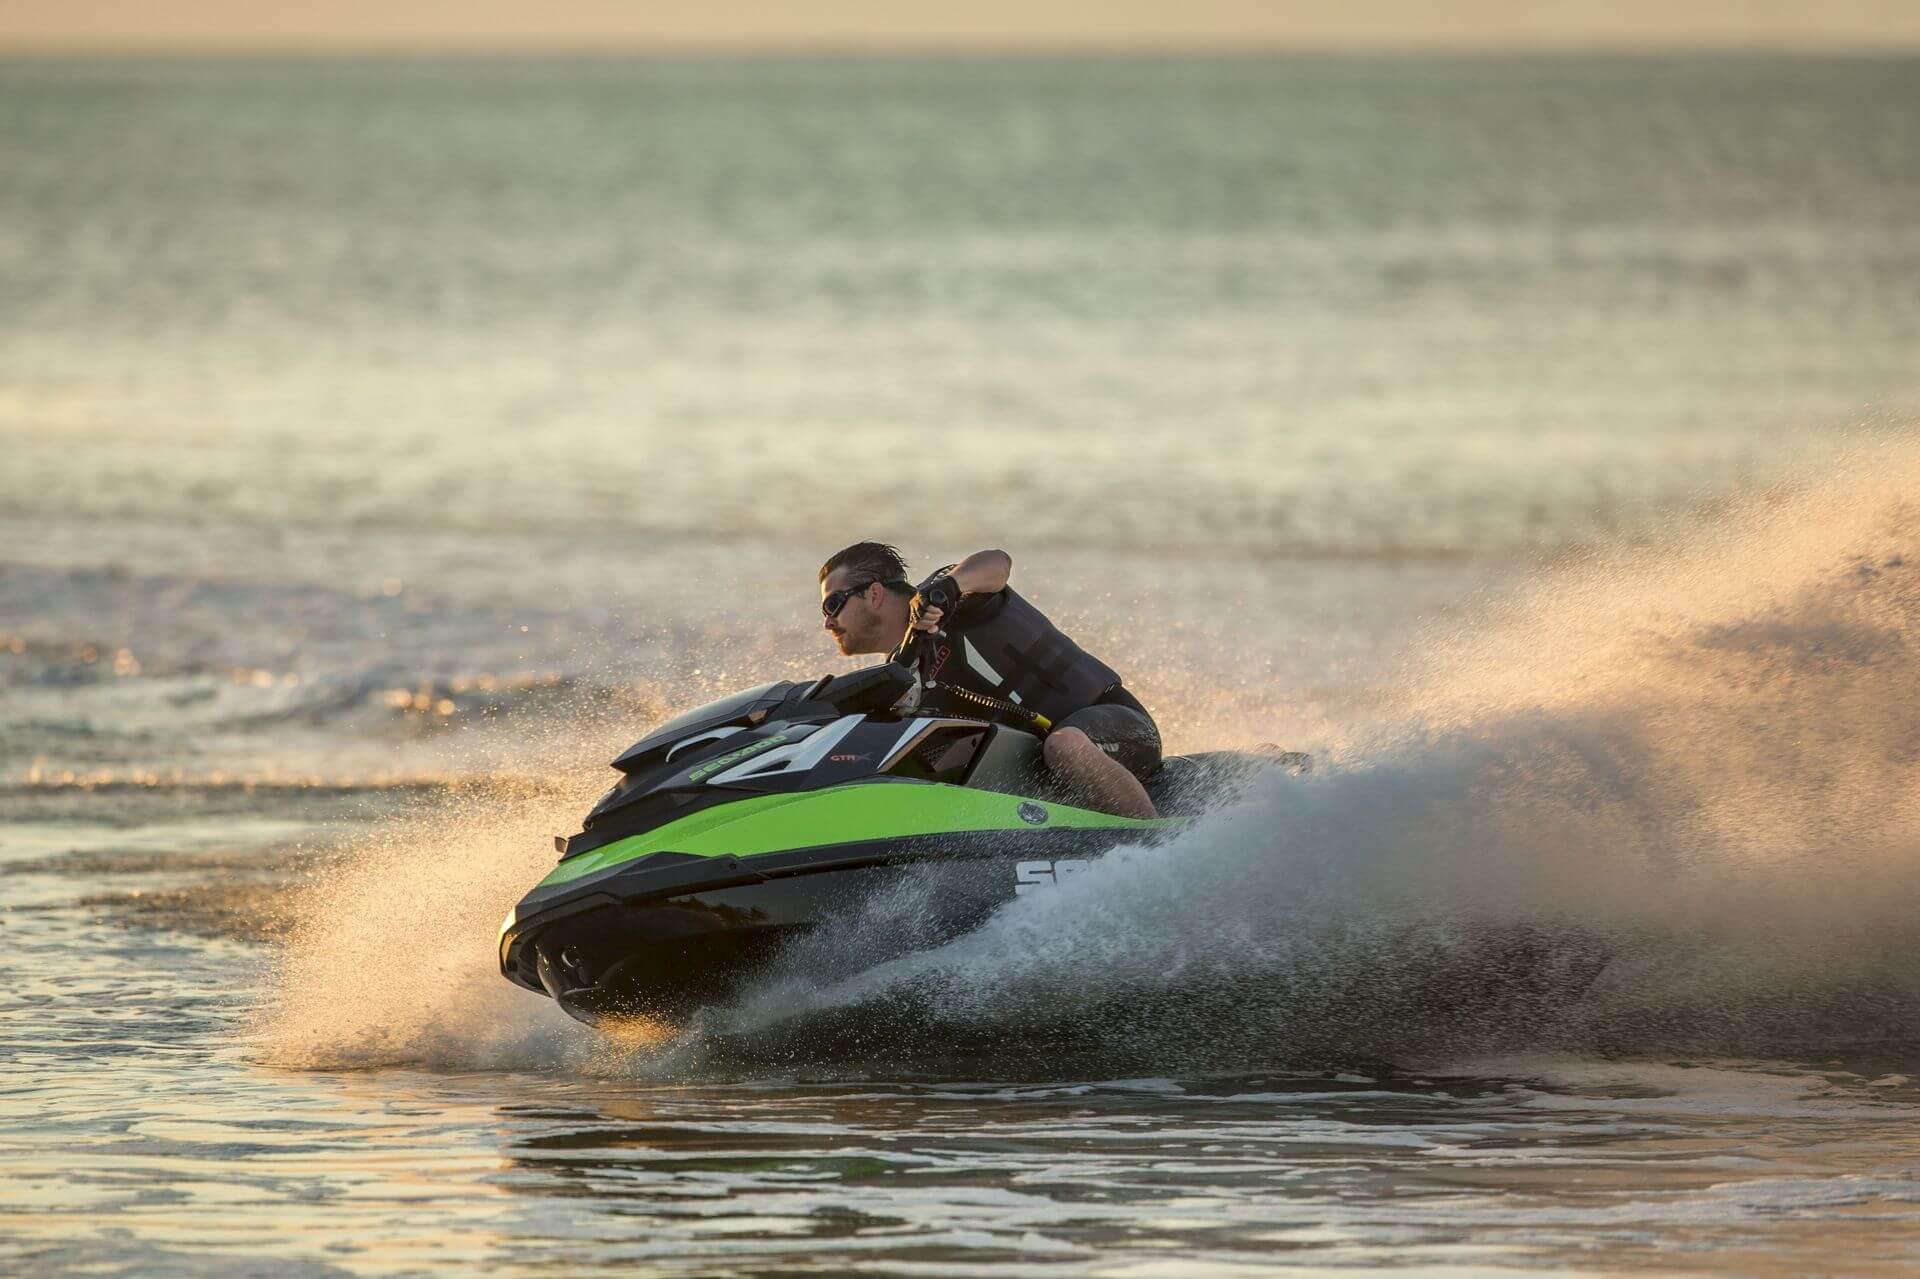 Jual Jet Ski Racing Seadoo